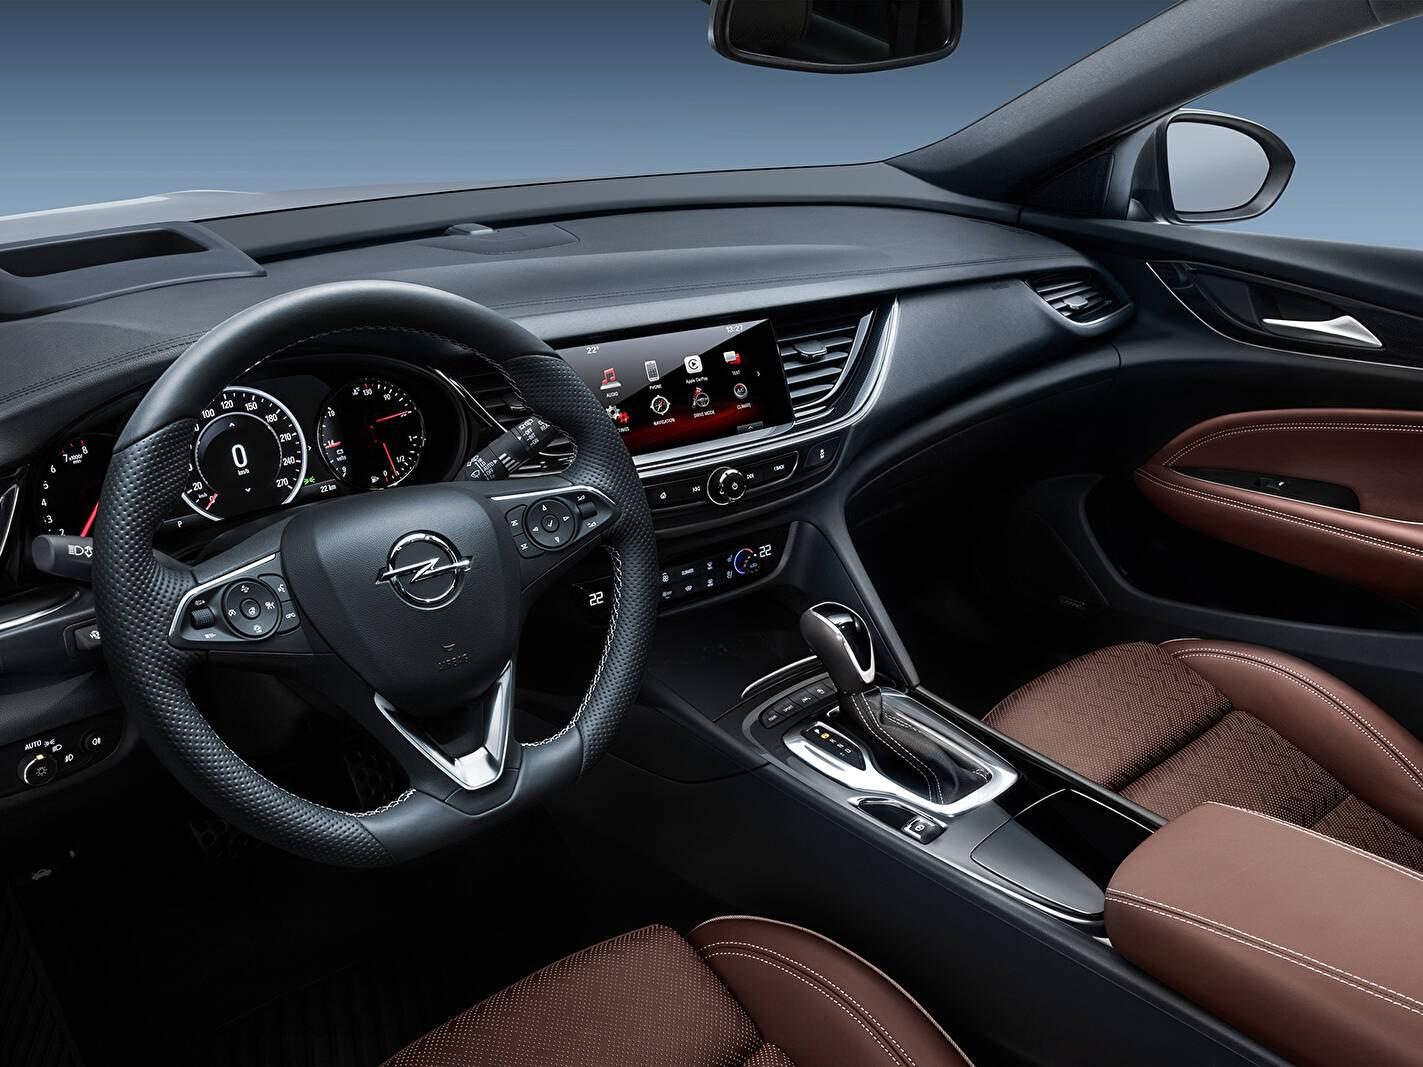 Opel Insignia II Sports Tourer 2.0 Turbo 260 (B) (2017-2018),  ajouté par fox58